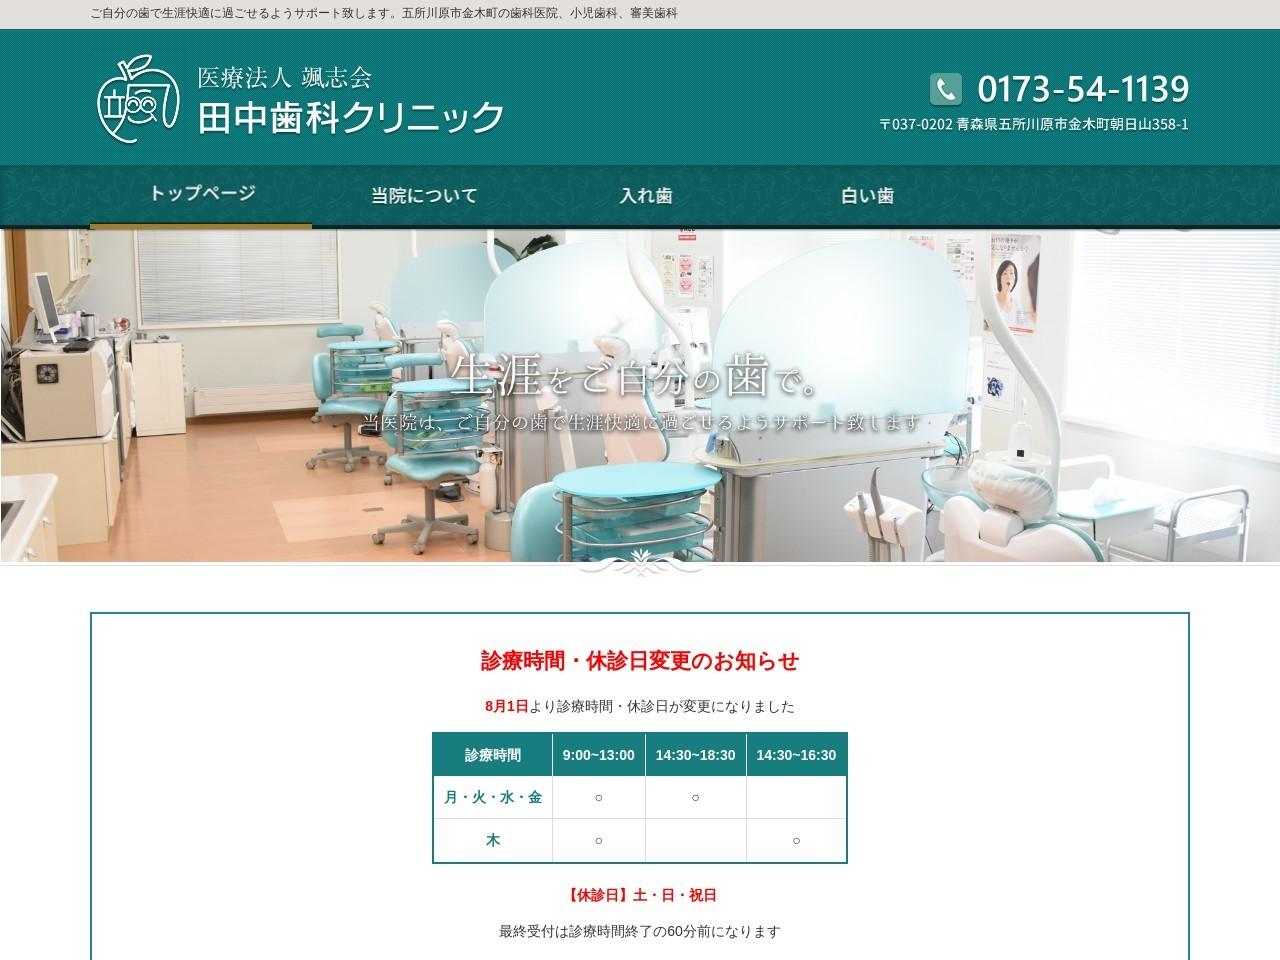 医療法人颯志会  田中歯科クリニック (青森県五所川原市)